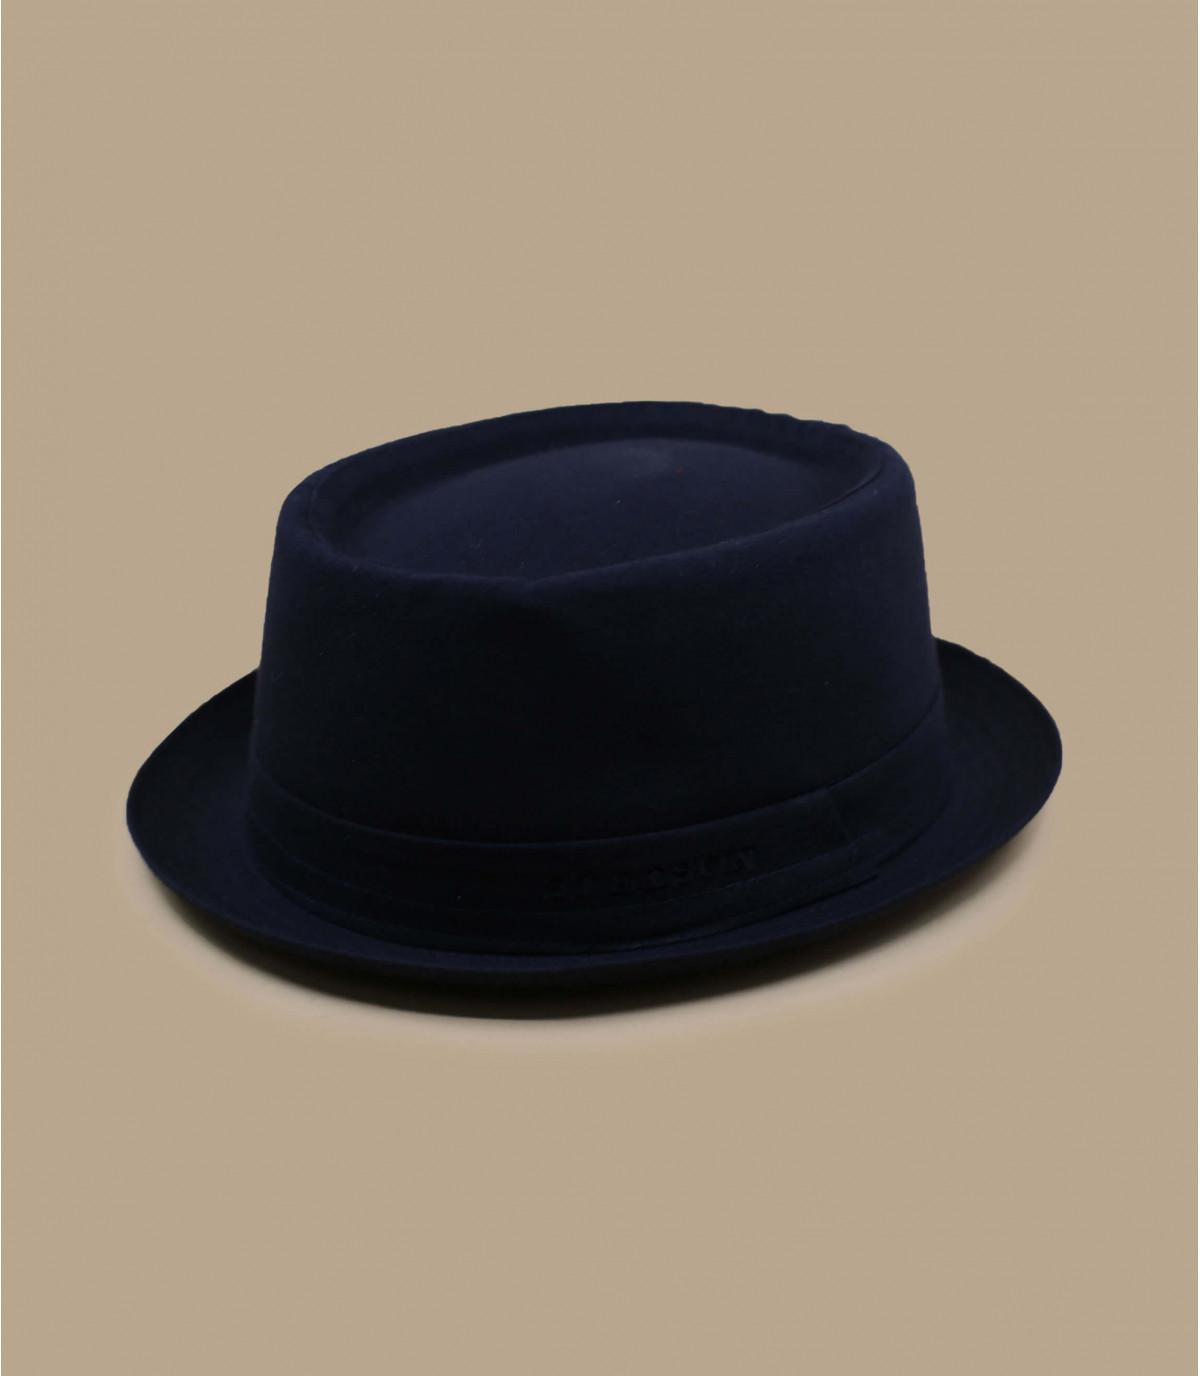 1500184ecec6d Pork pie hat - Buy online pork pie hats.